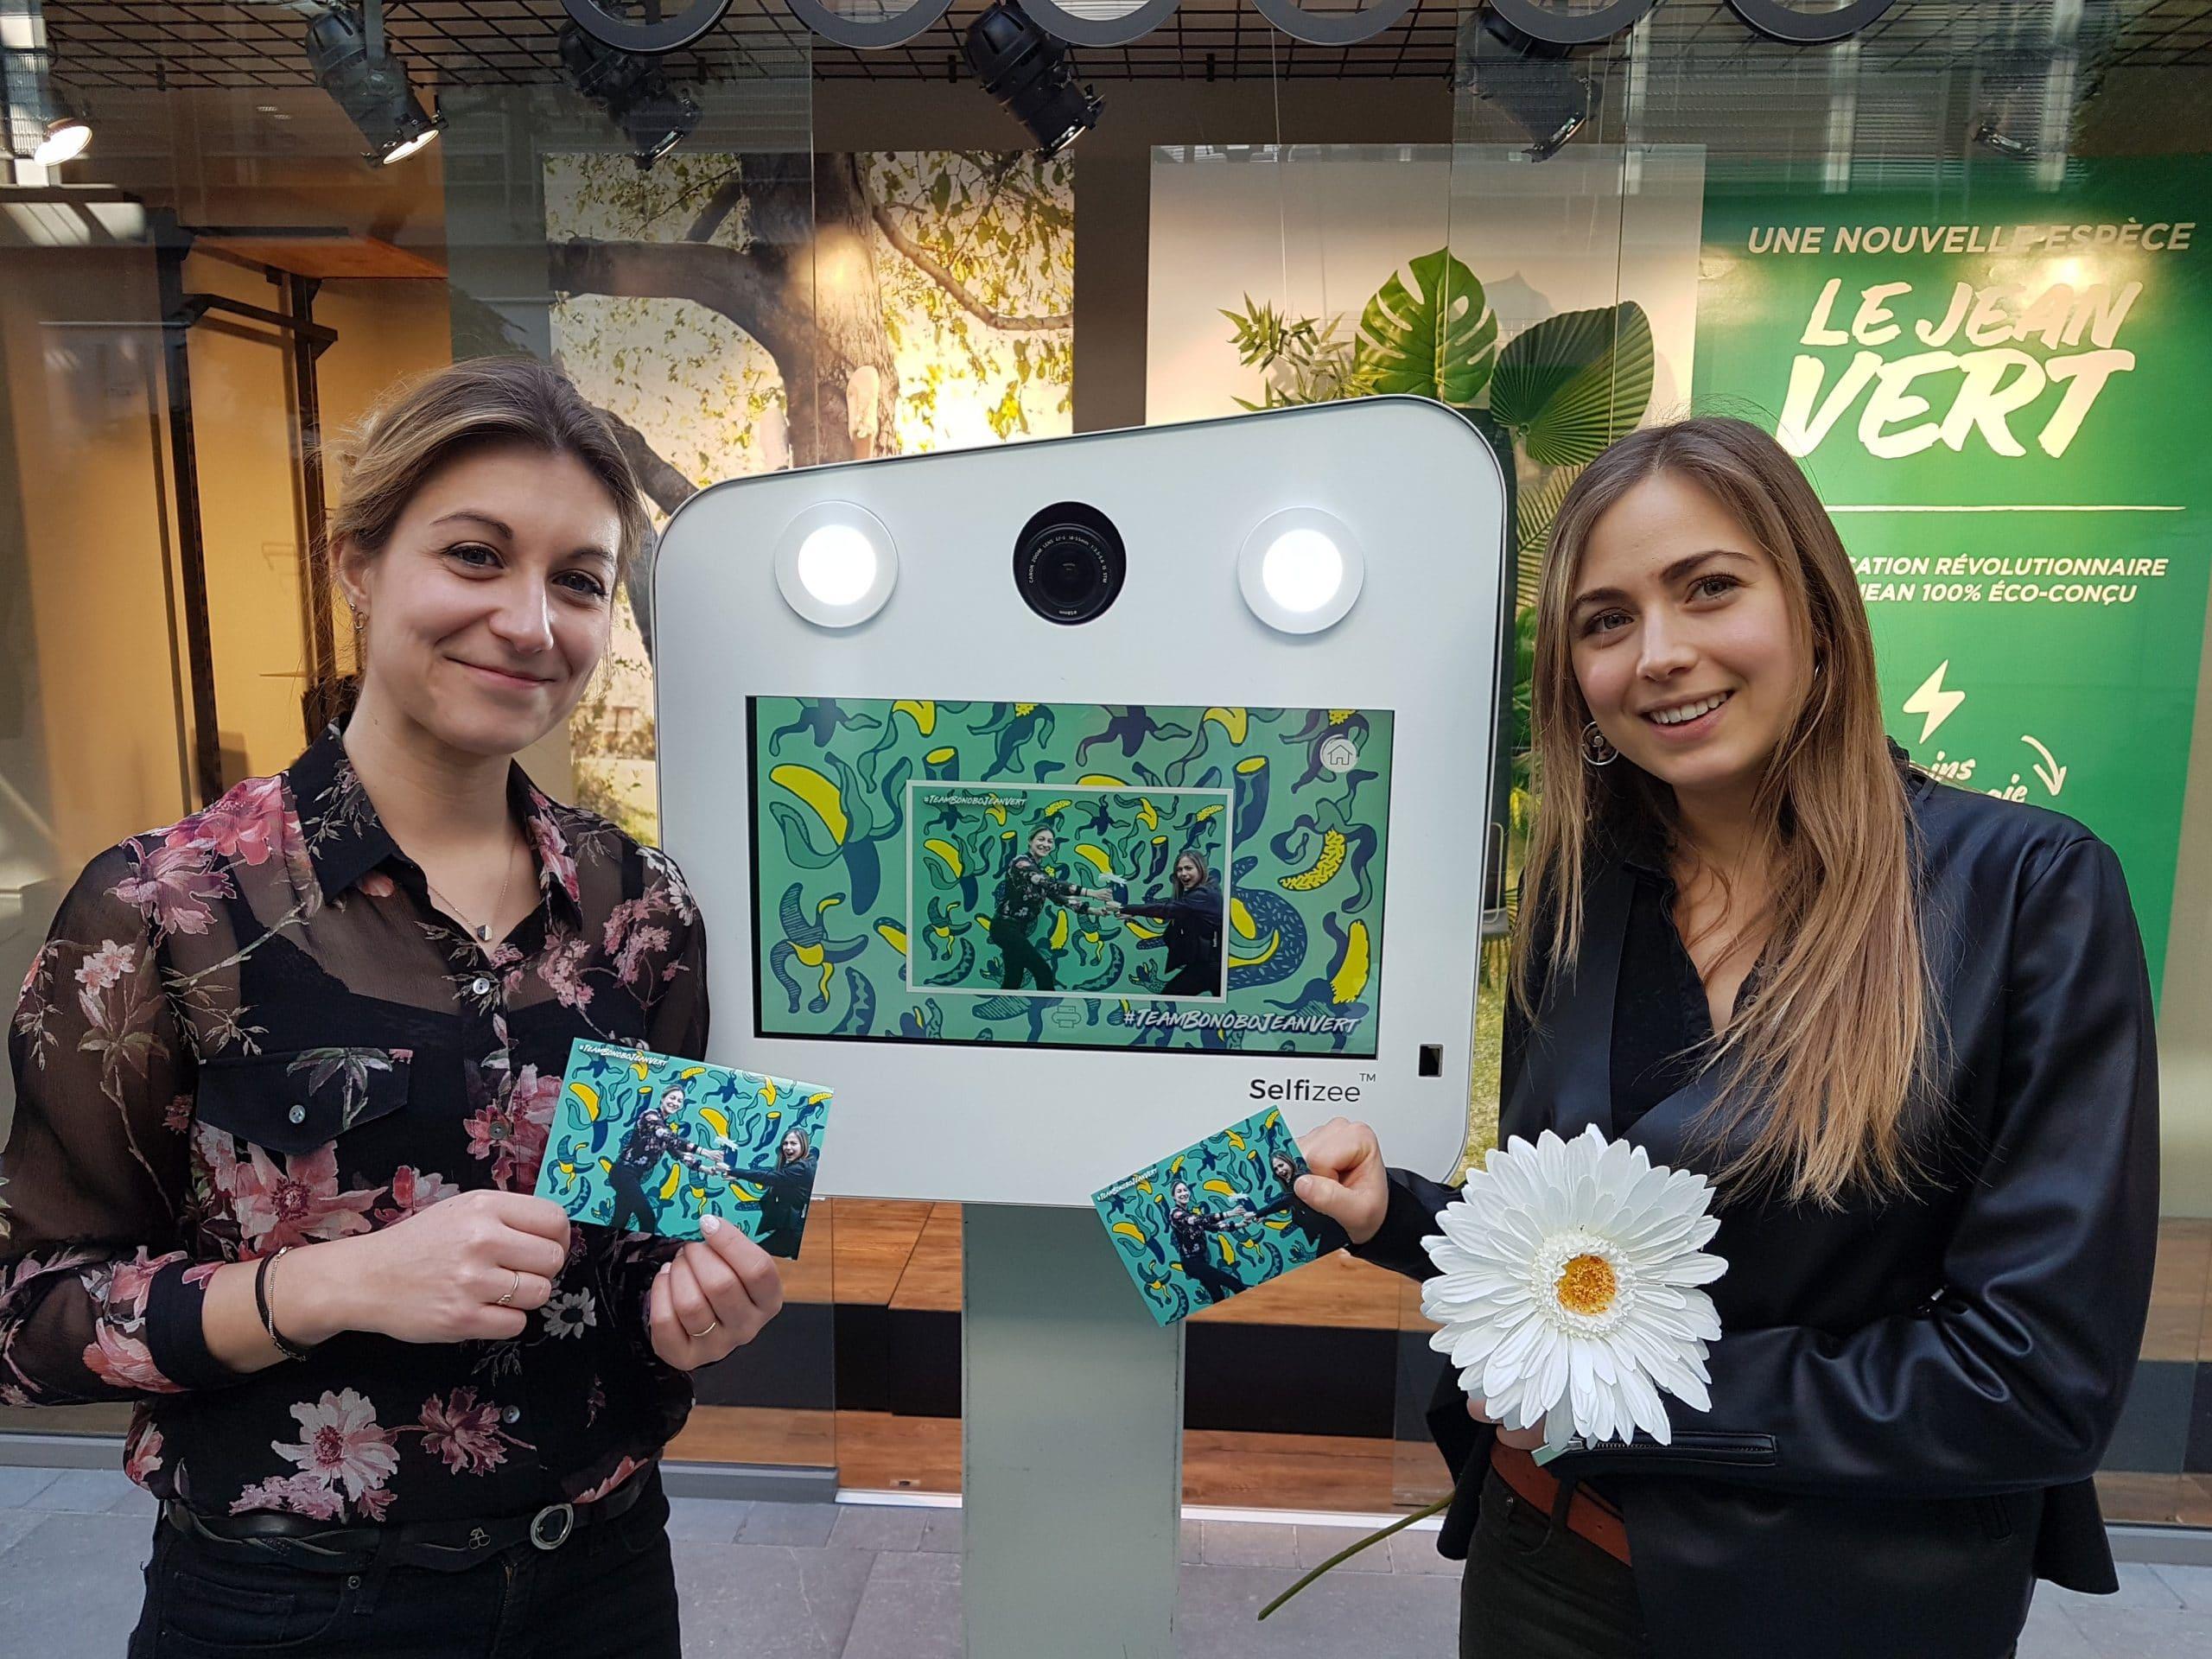 Photobooth connecté avec animation fond vert et impressions selfies personnalisés pour fête entreprise nouvelle gamme produits Bonobo du groupe Beaumanoir à Saint Malo